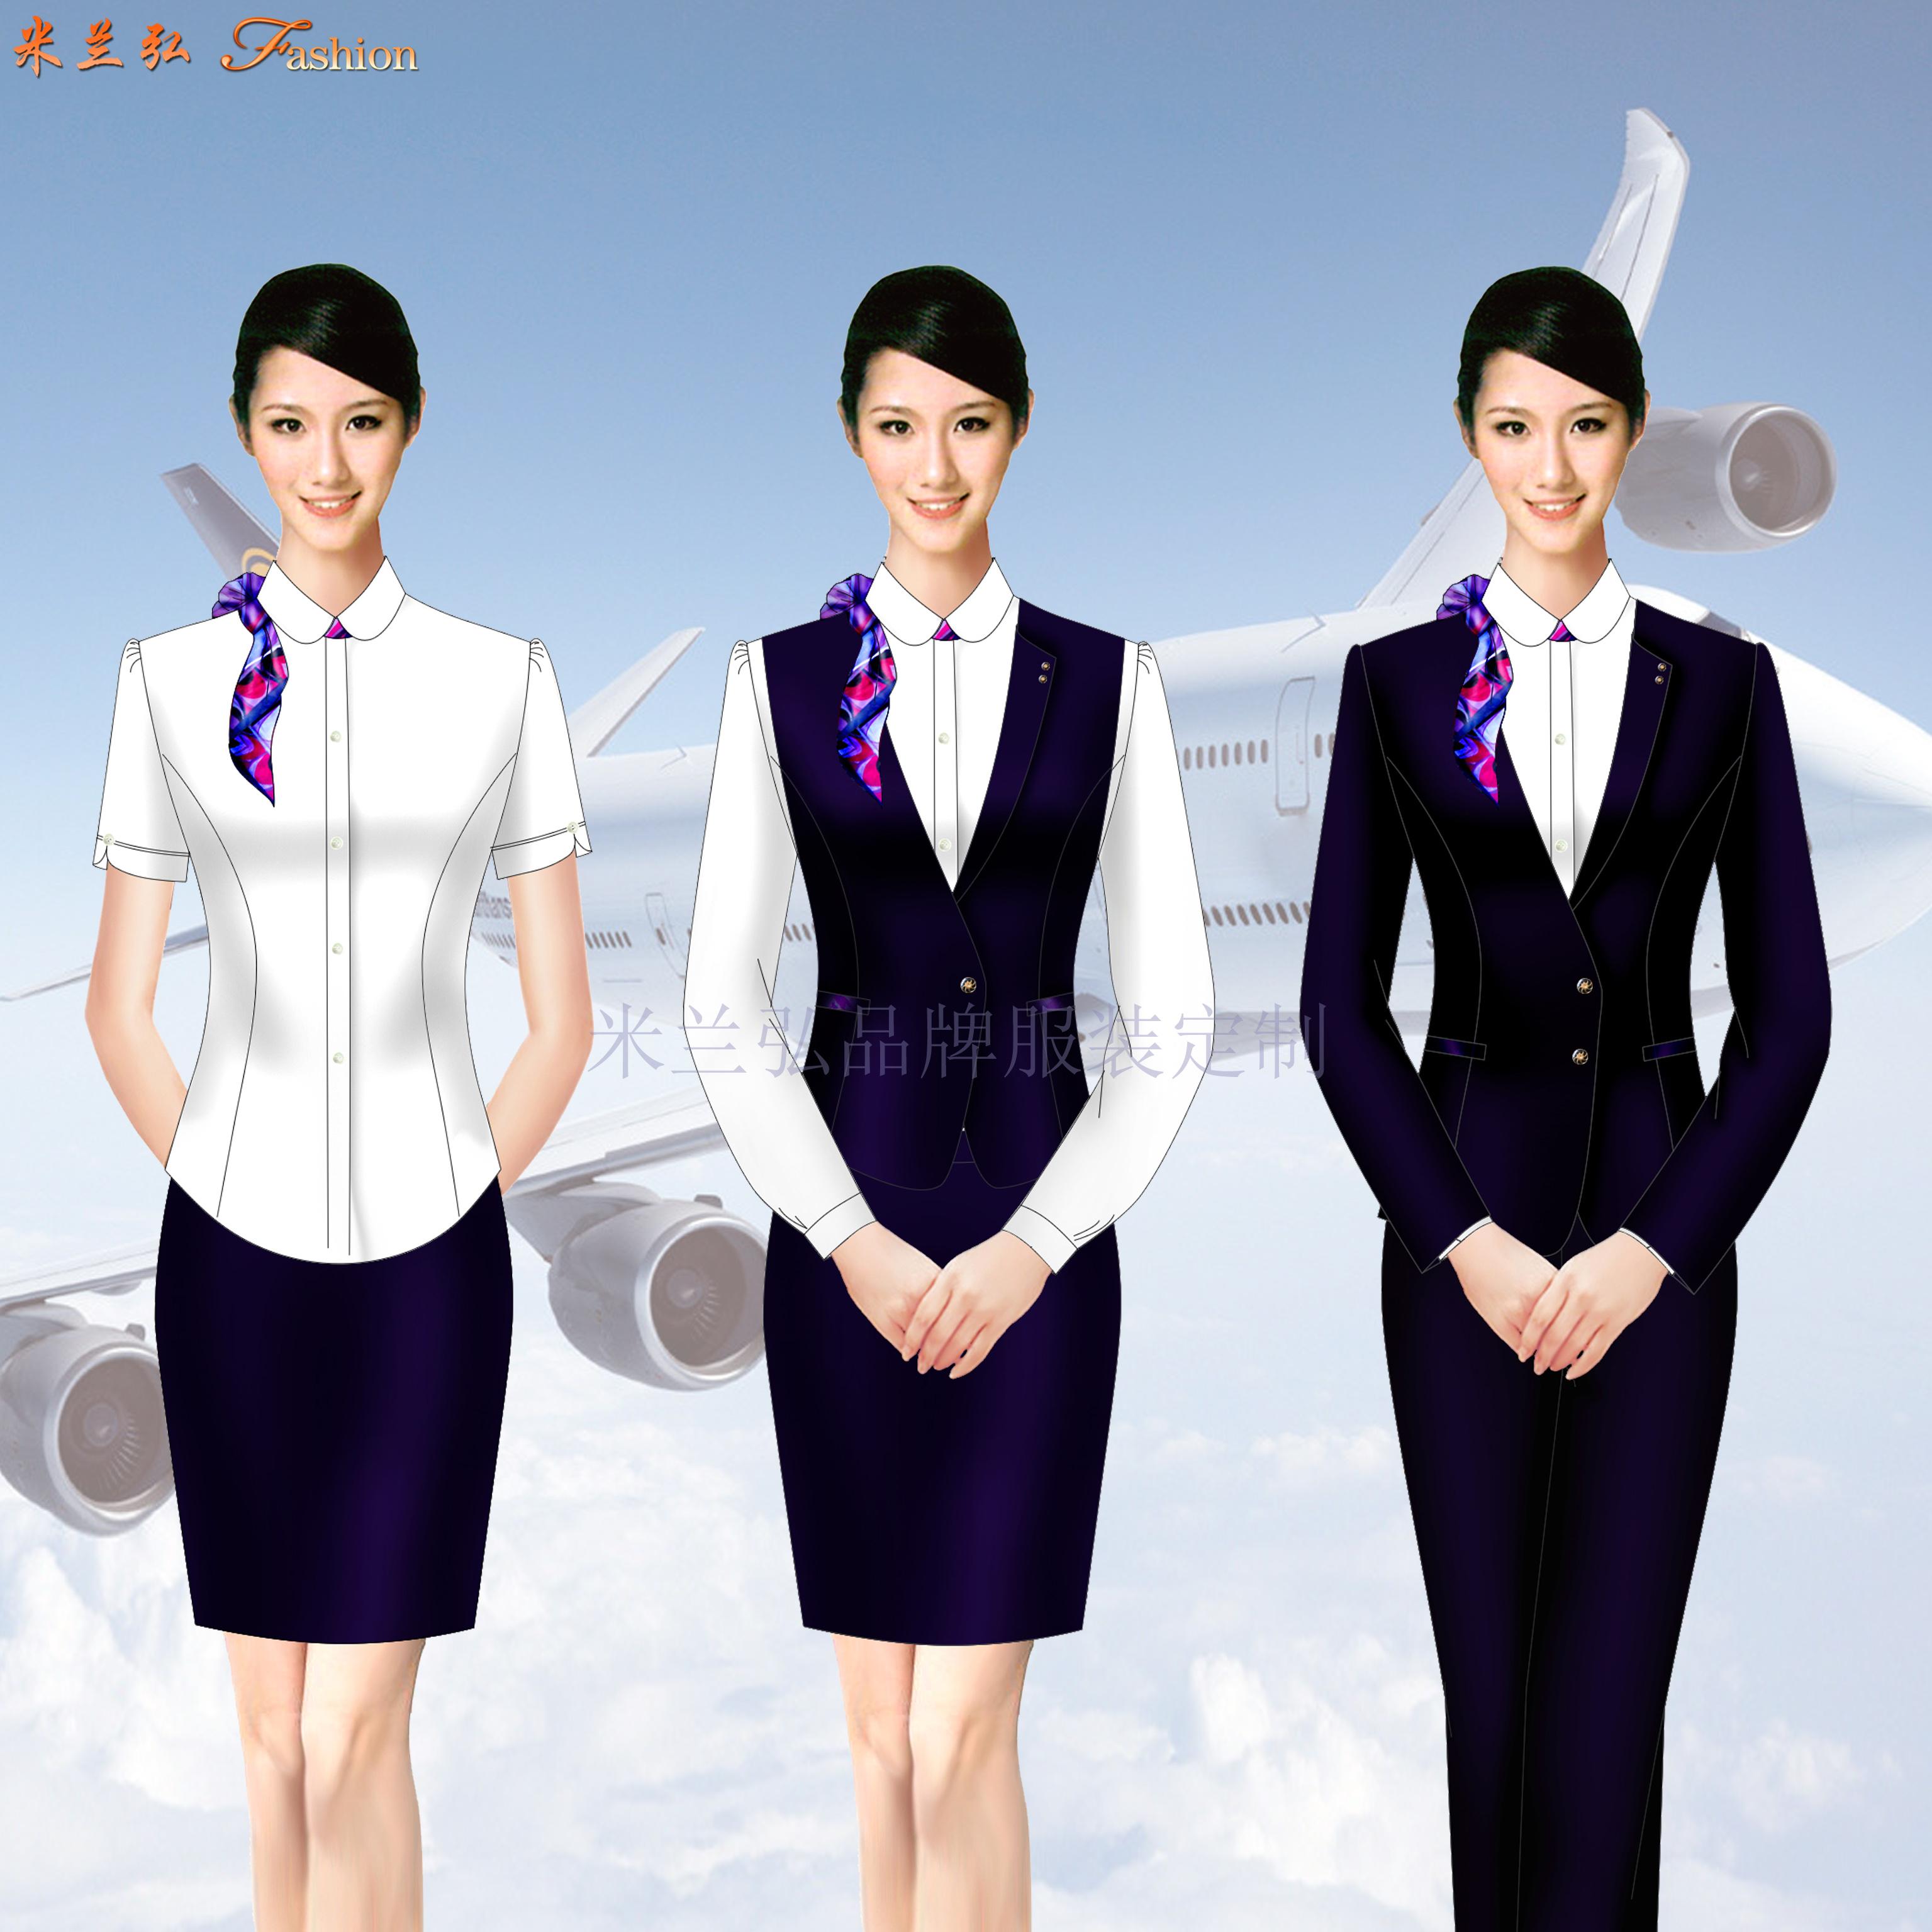 -高鐵服裝-采購批發市場優質高鐵服裝價格品牌廠商_米蘭弘-2